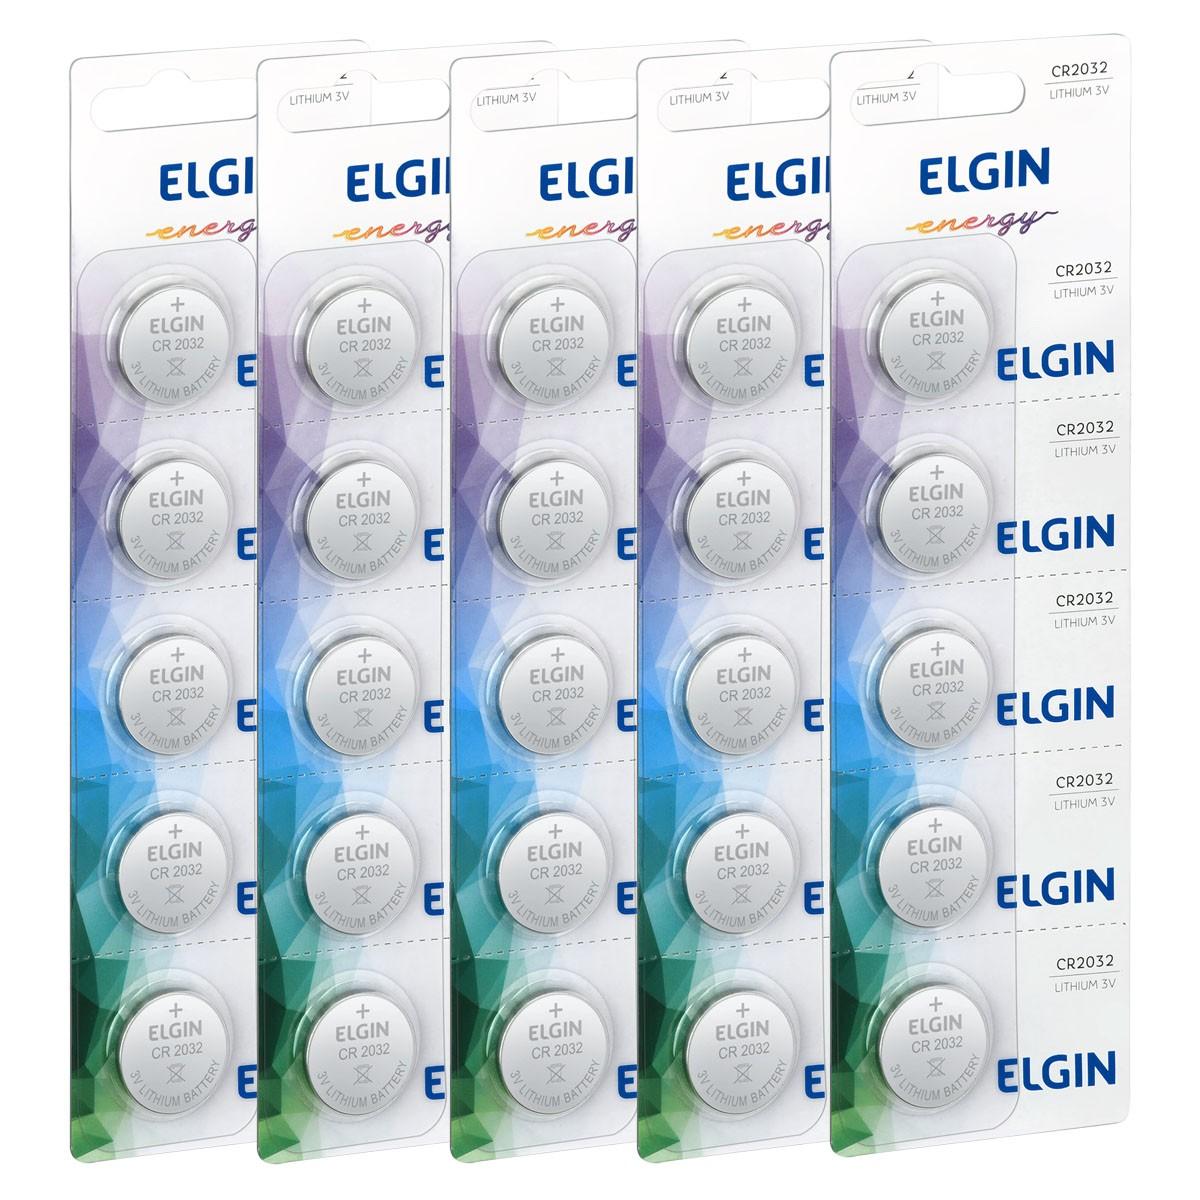 30 Baterias Pilhas Lithium 3V Elgin CR2032 6 cartela